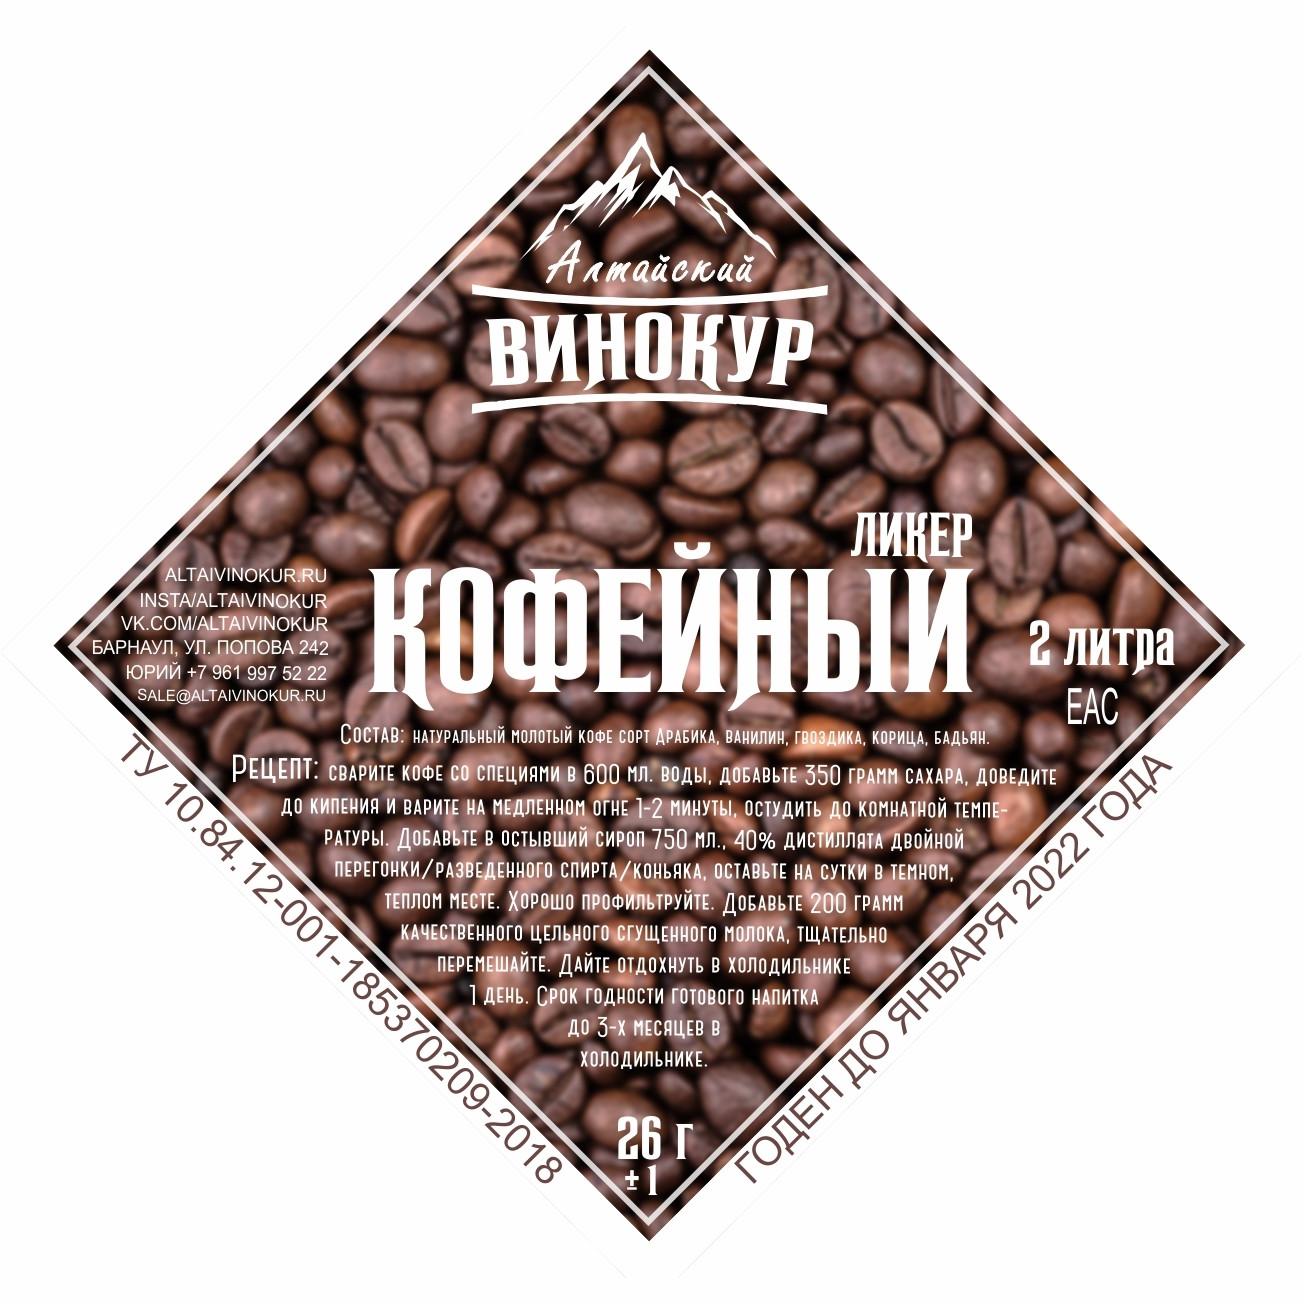 """Набор для настаивания """"Кофейный ликёр"""" (Алтайский винокур)"""